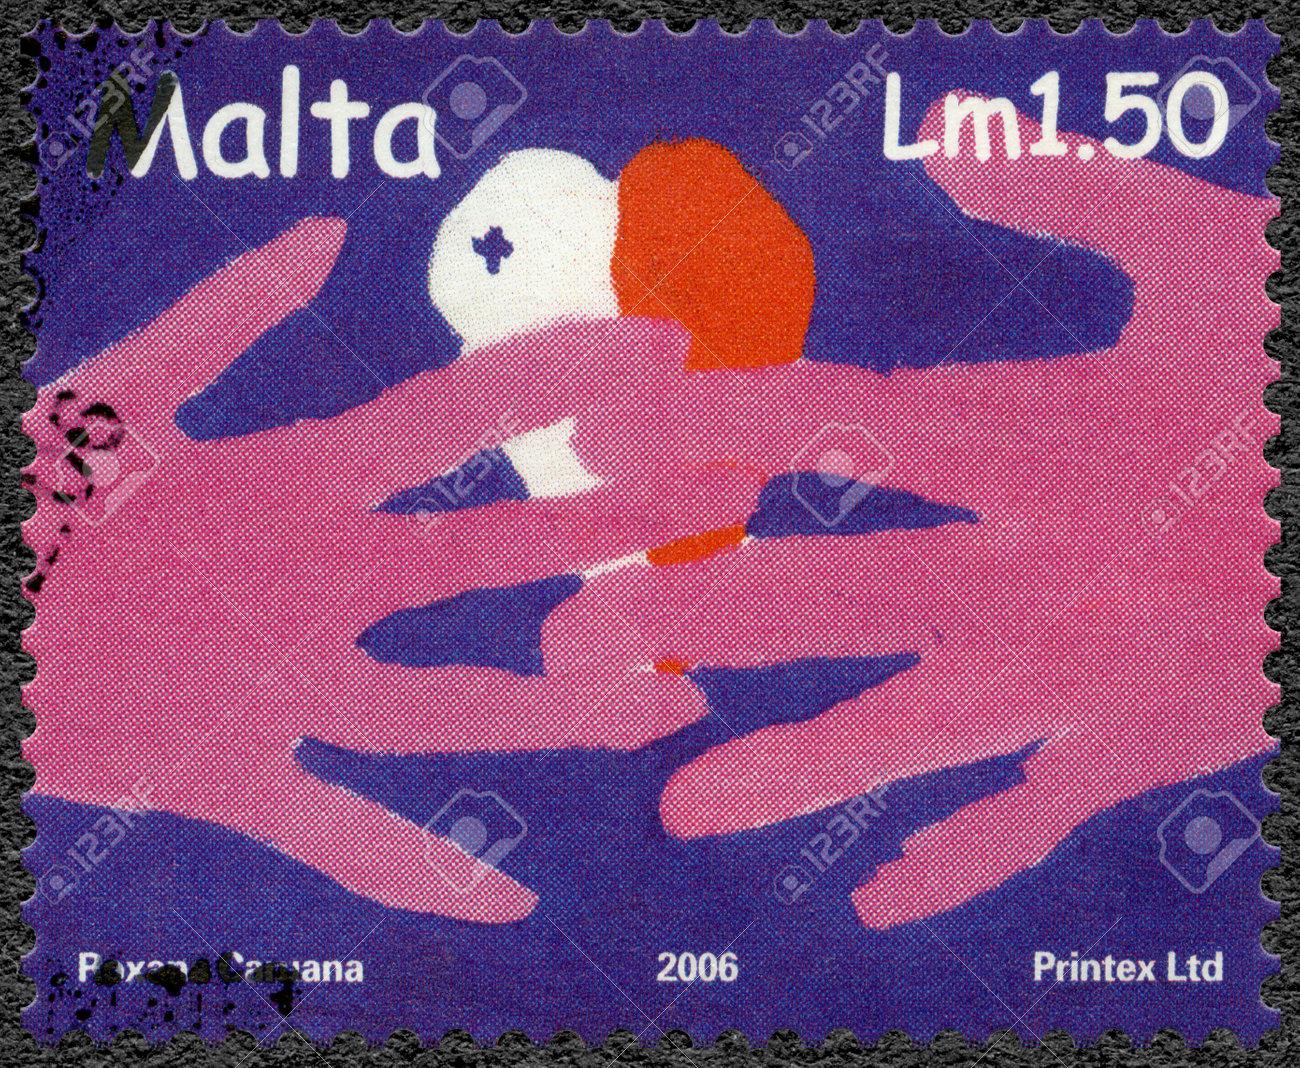 MALTA - CIRCA 2006: A stamp printed in Malta shows YMCA Valletta